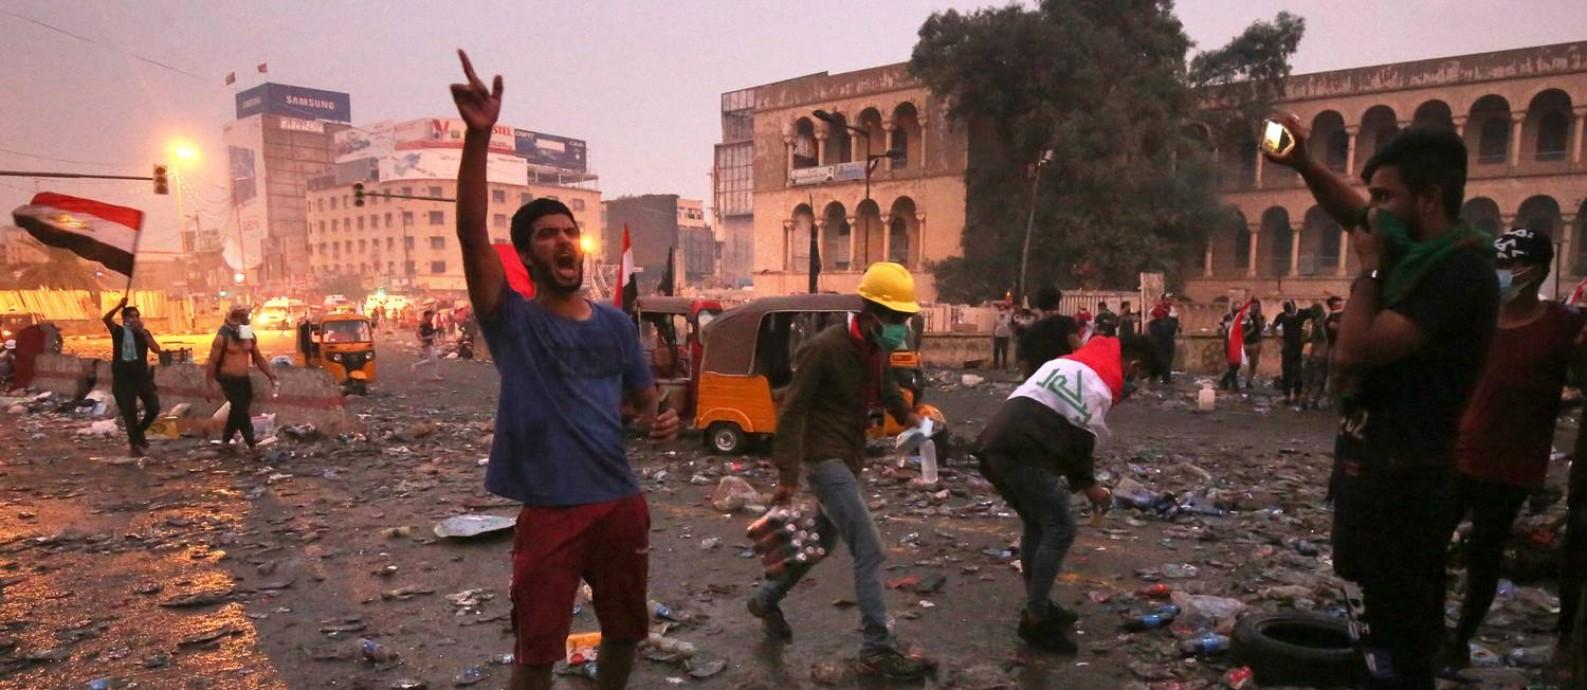 Manifestantes enfrentam a polícia perto da entrada da Zona Verde em Bagdá. Protestos se intensificaram em outubro, apesar da forte repressão das forças de segurança Foto: - / AFP